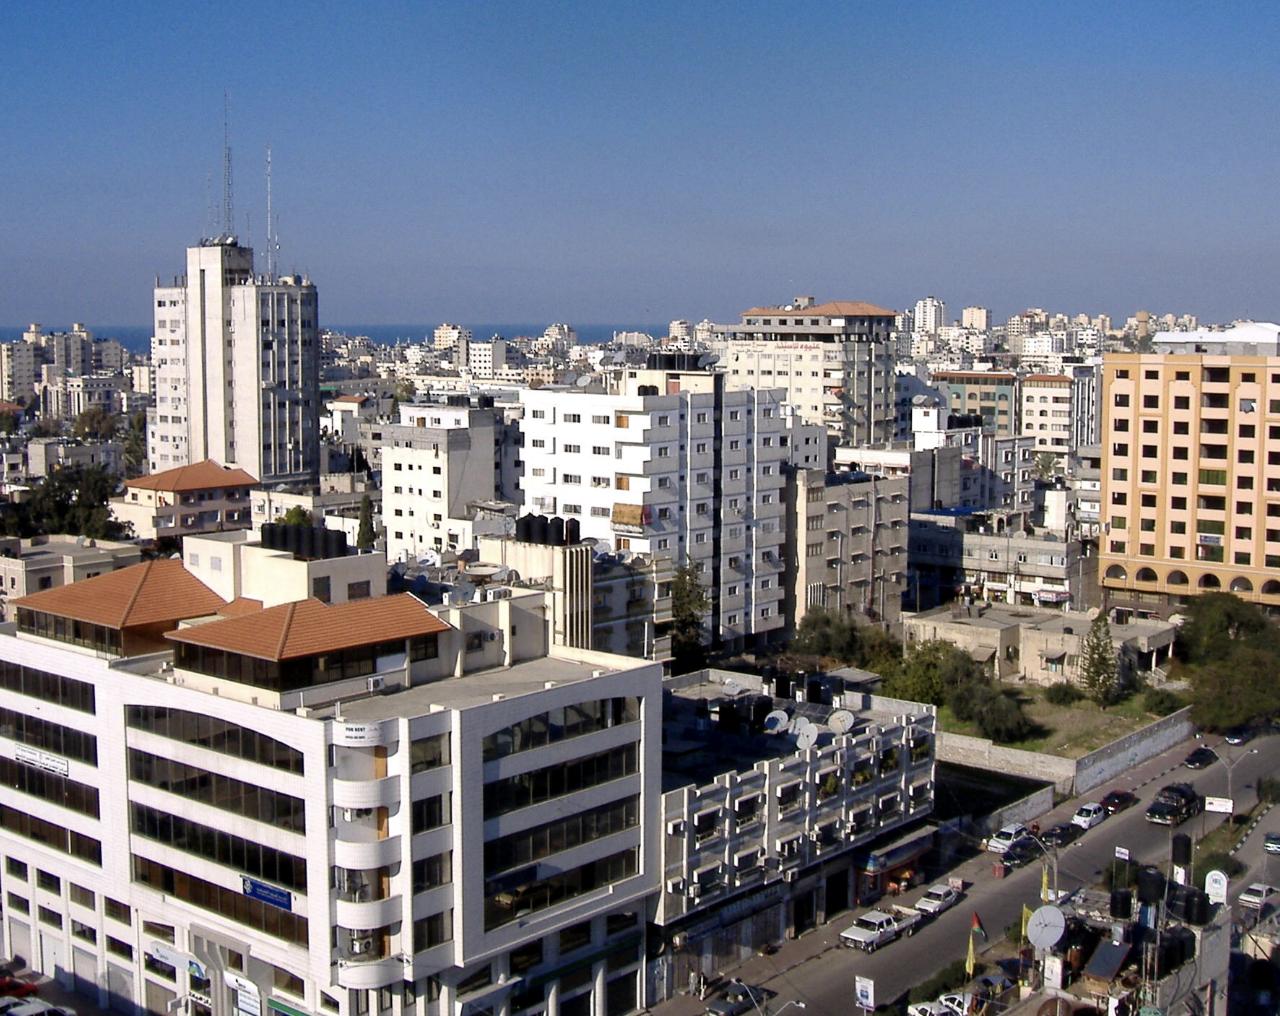 Moyen-Orient/Afrique du Nord : Ce qu'il ne fallait pas manquer de l'actualité économique de cette semaine 16